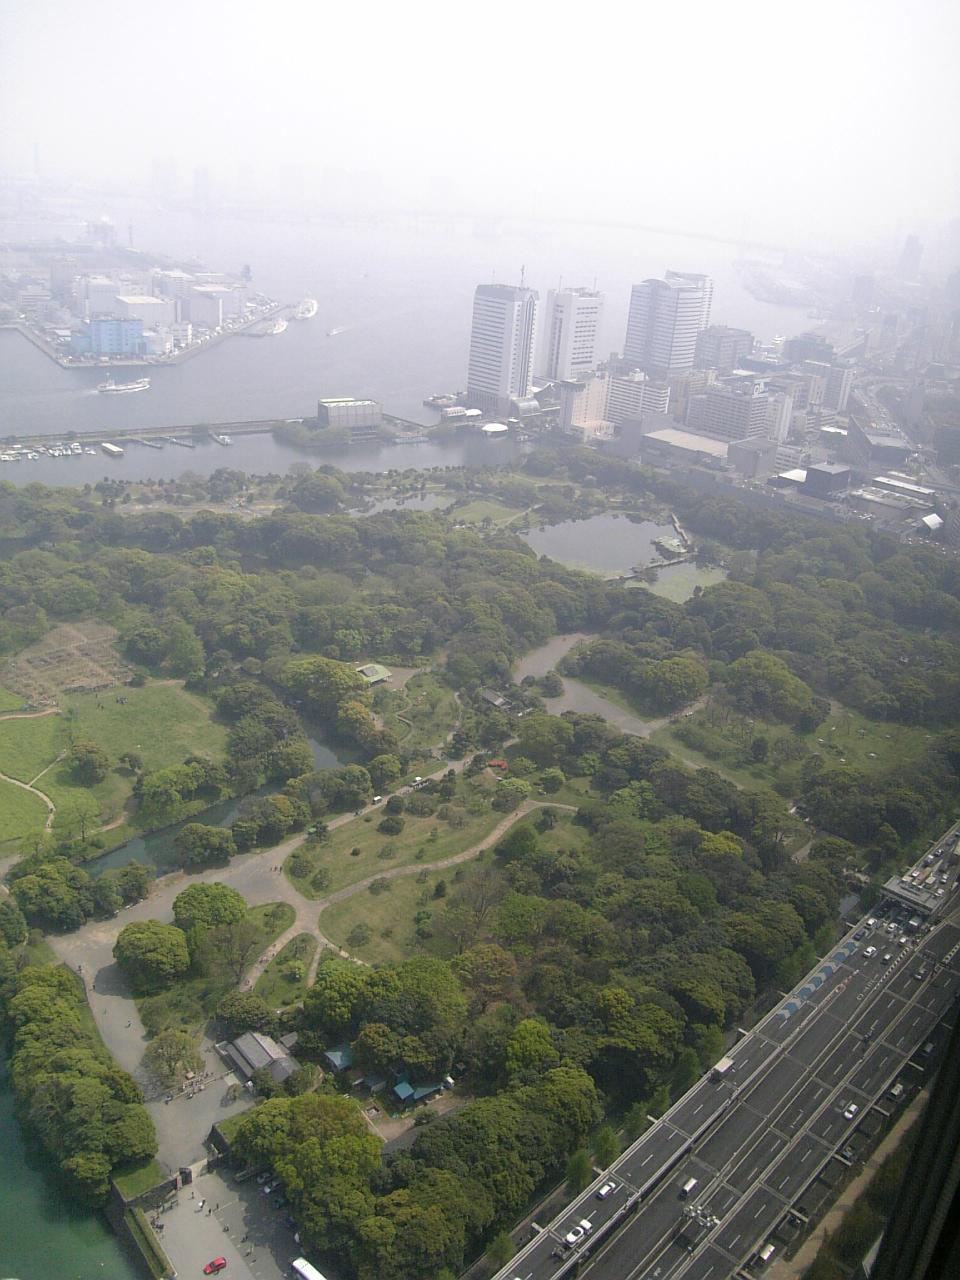 View of the Hamarikyu_Gardens